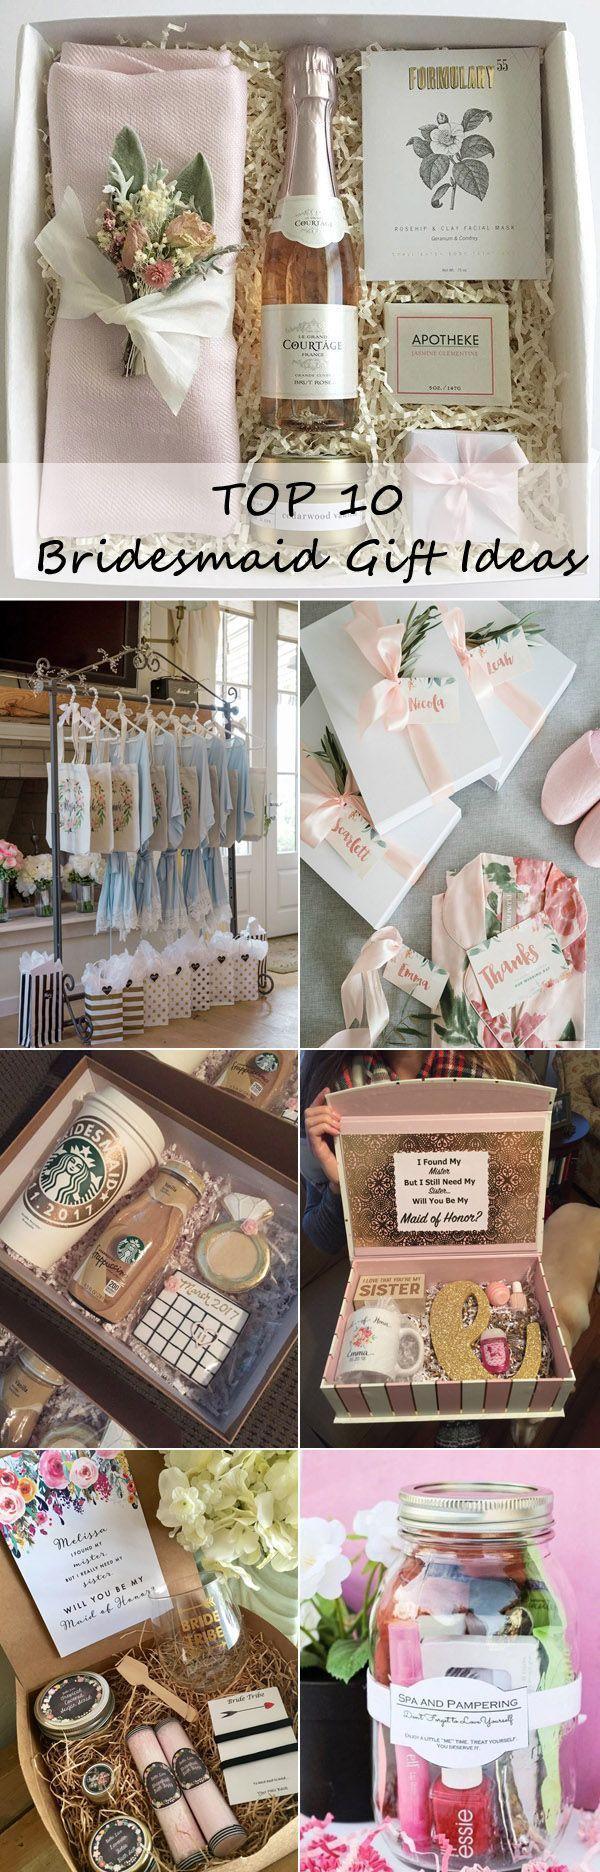 top 10 bridesmaid gift ideas